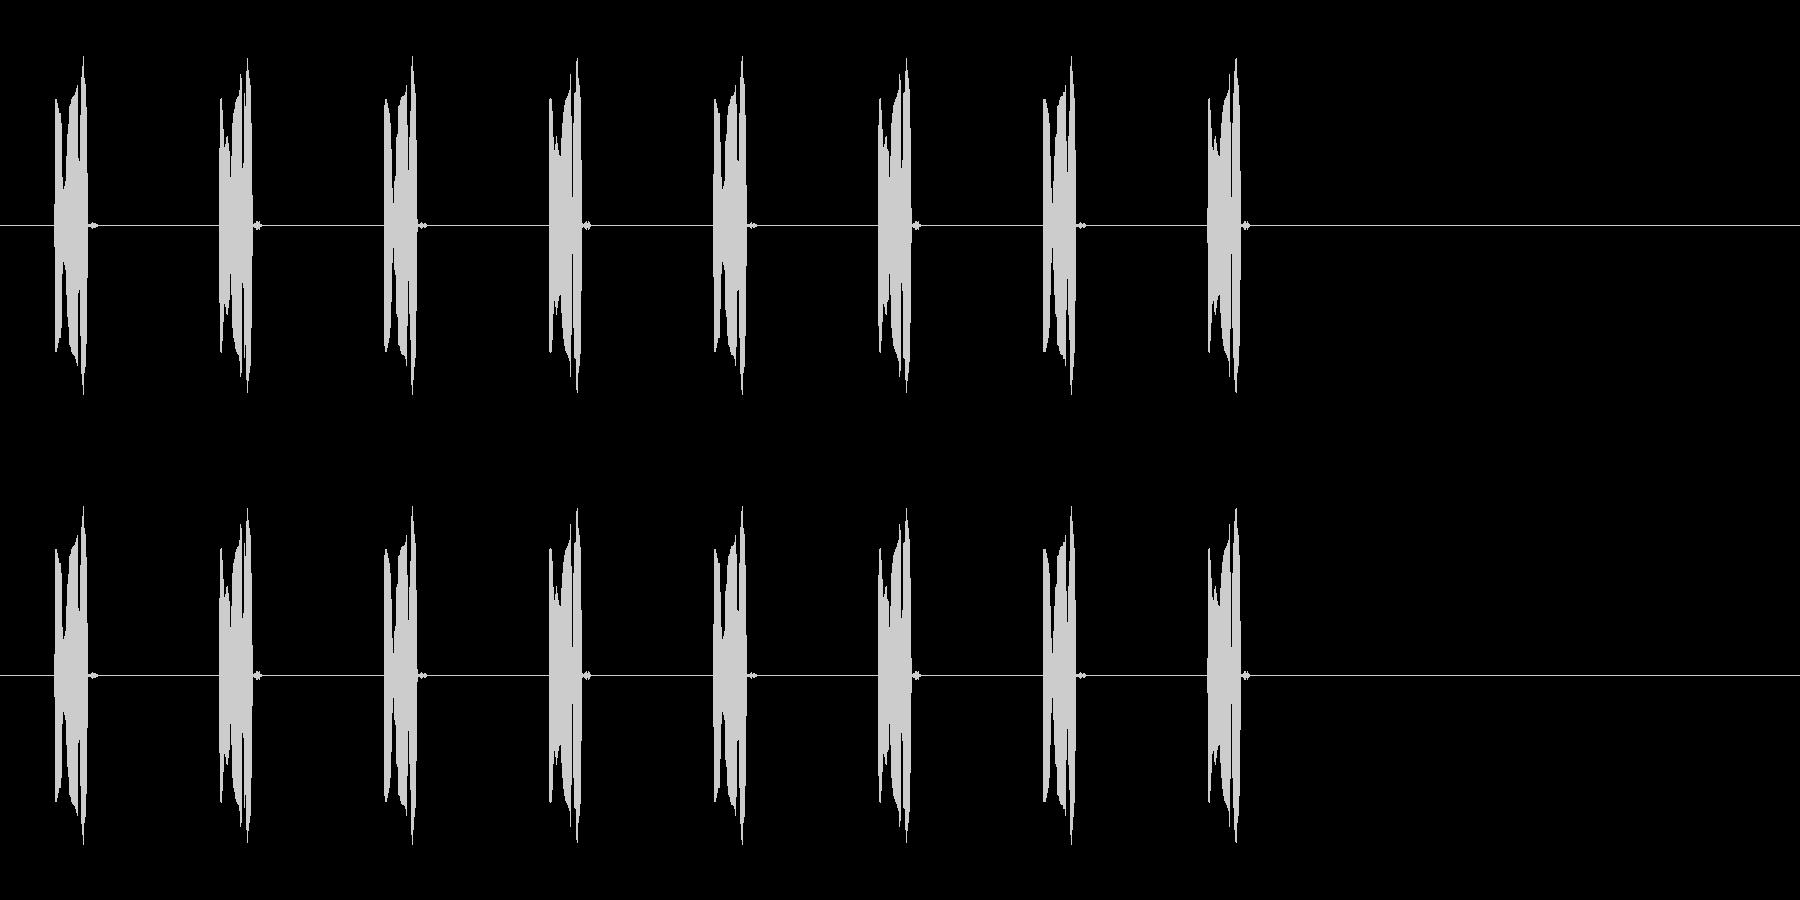 コミカルな足音A-2-3の未再生の波形